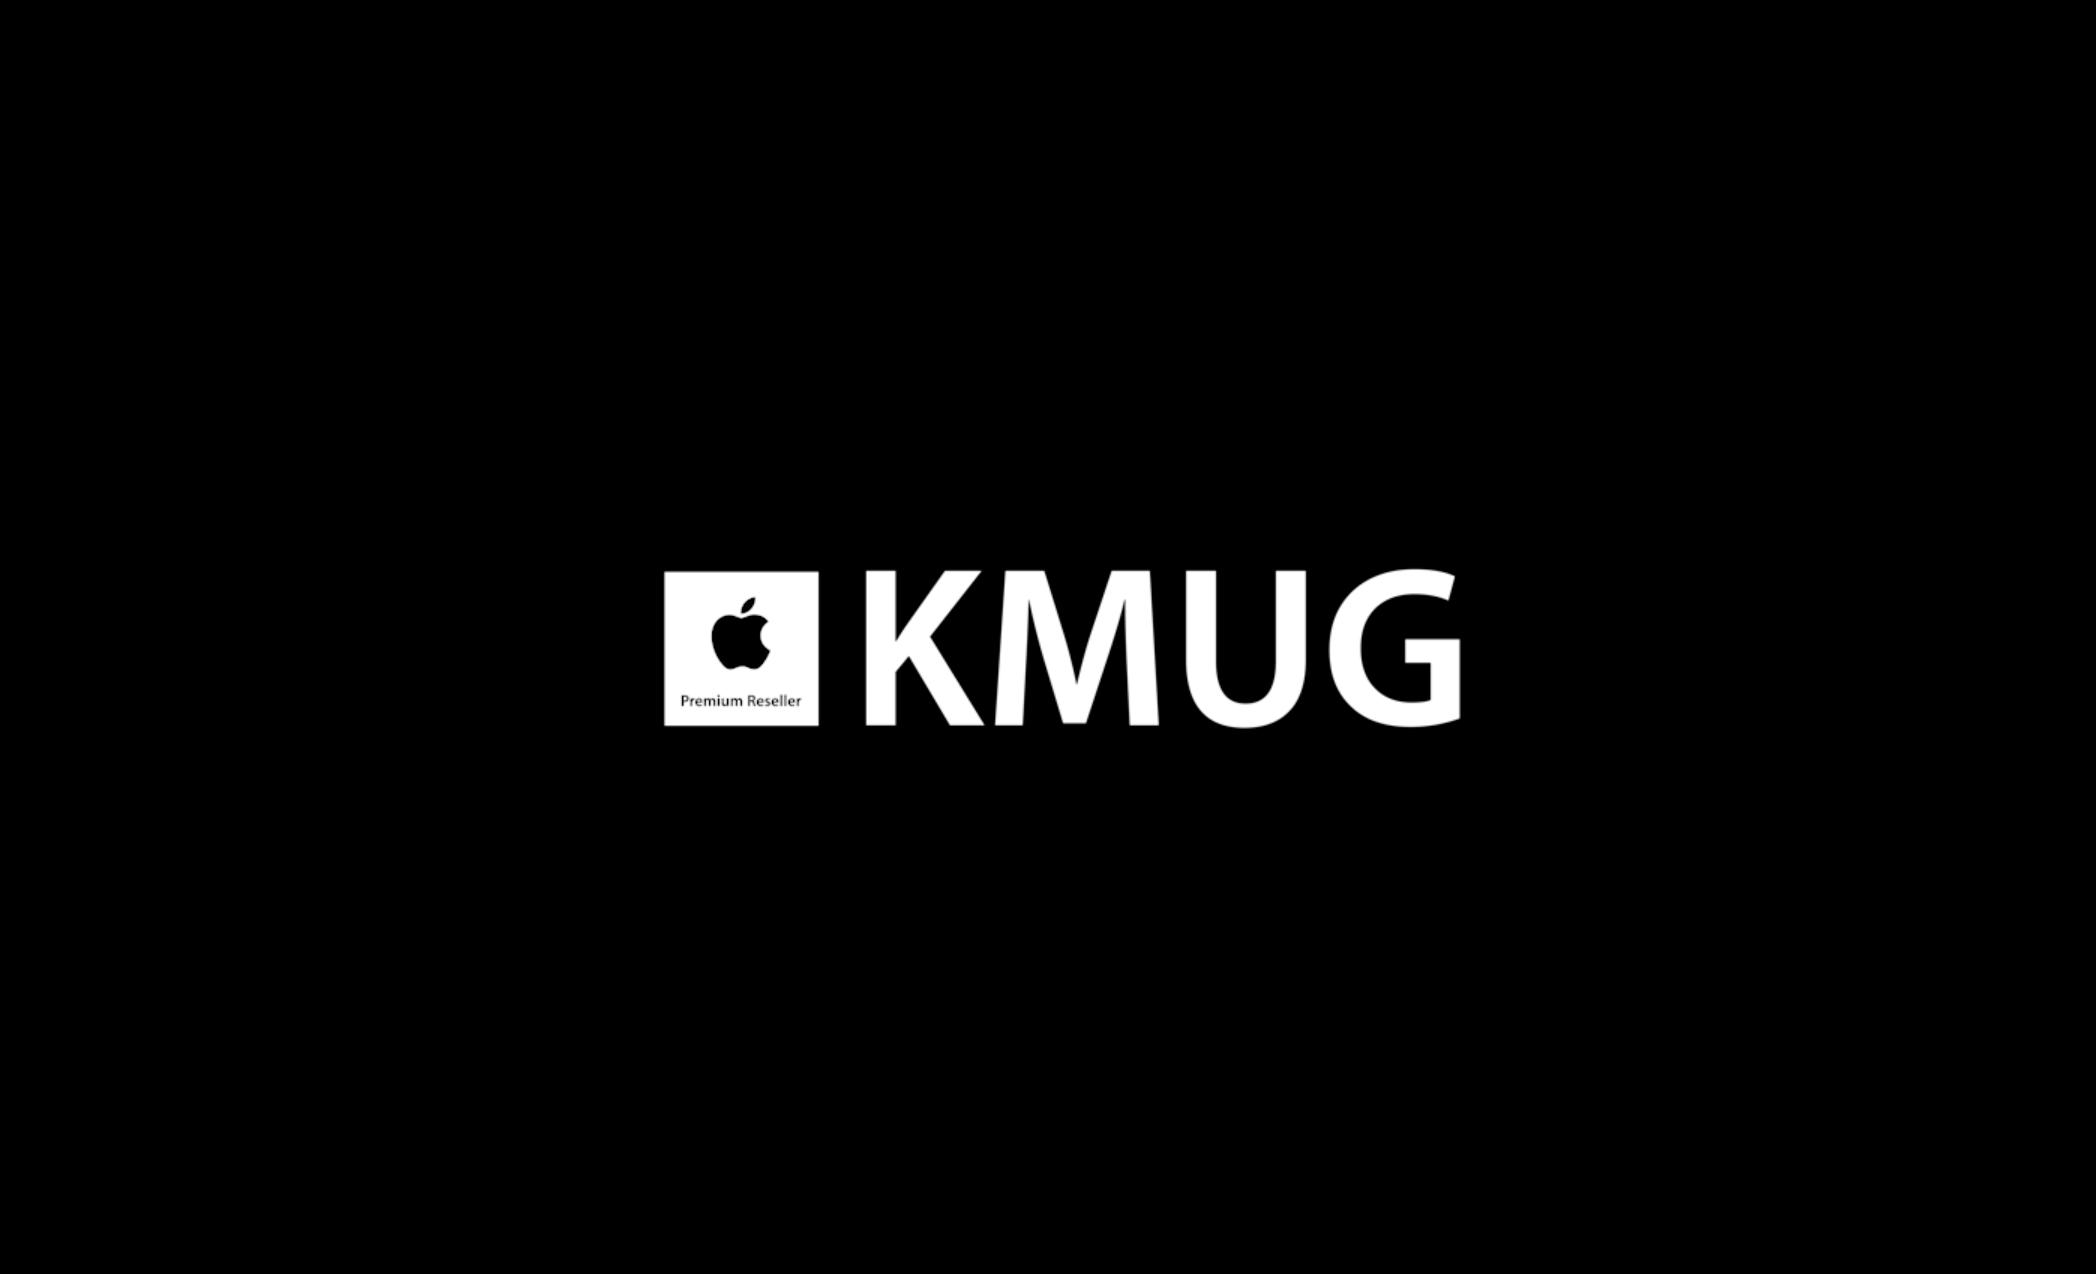 kmug_apr_iphone7